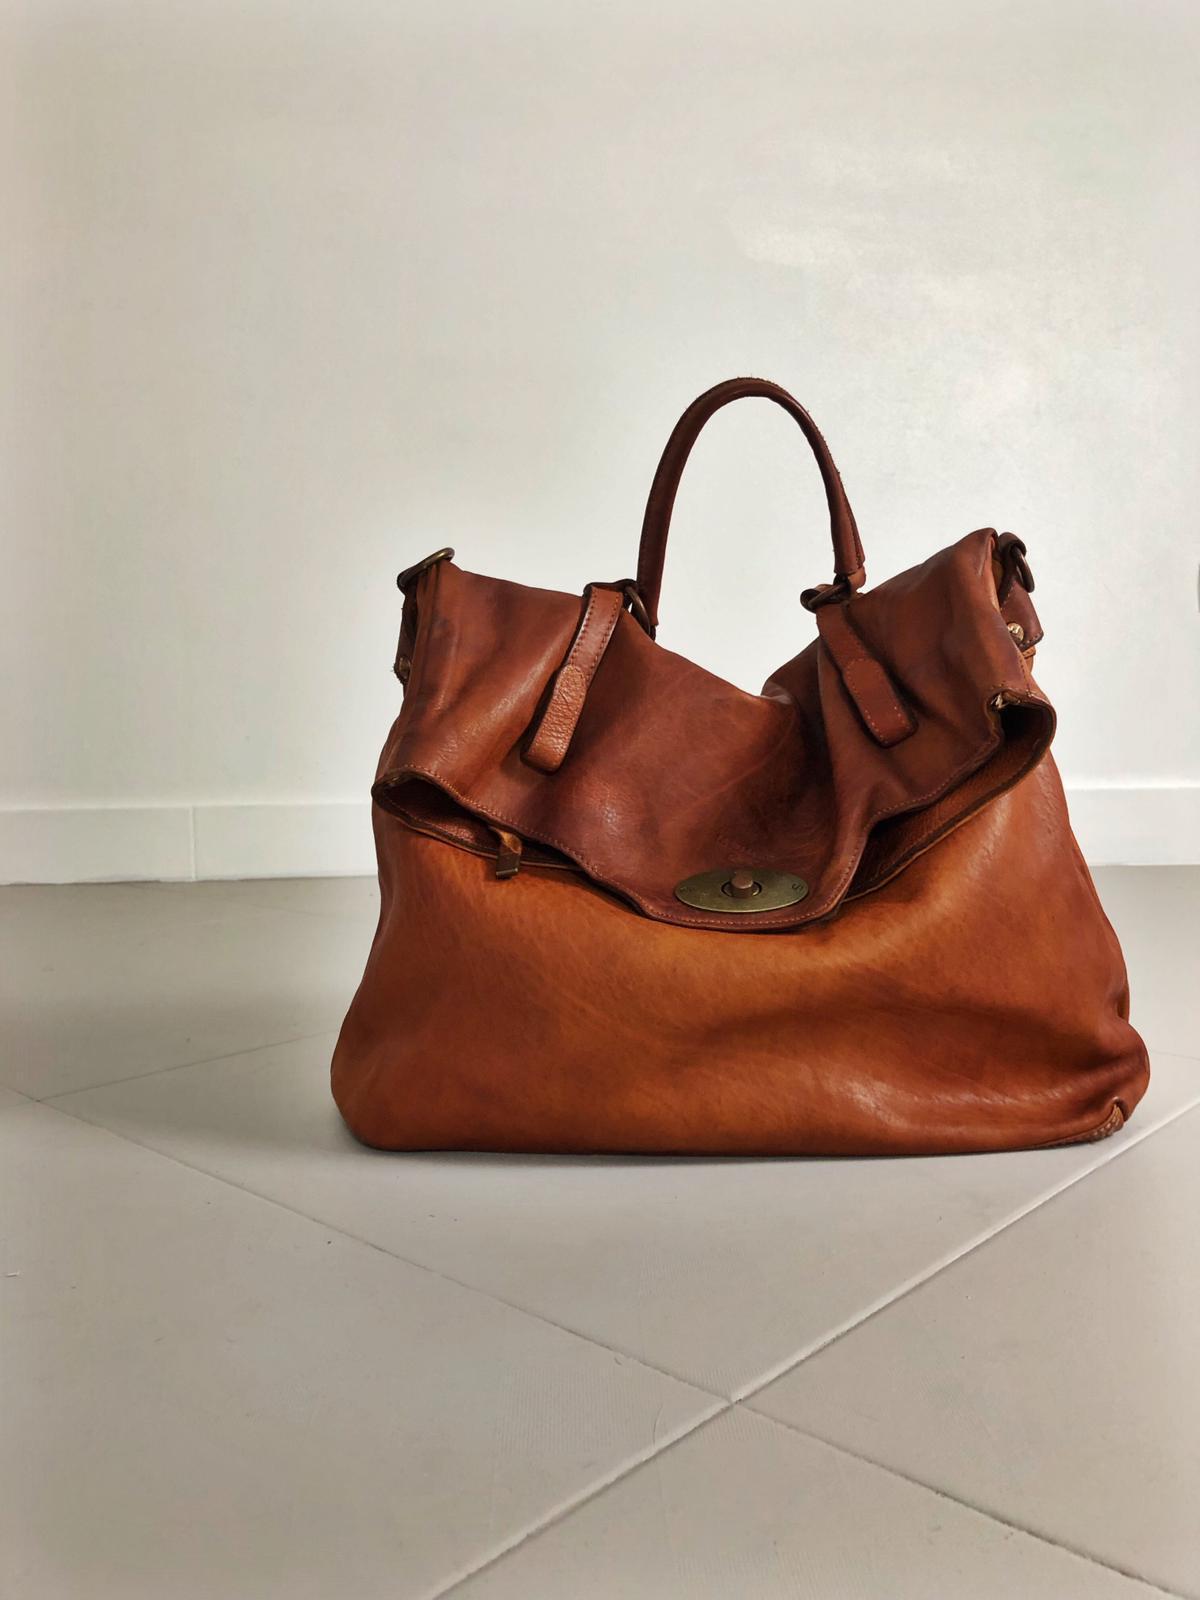 MAIL BAG handmade leather bag